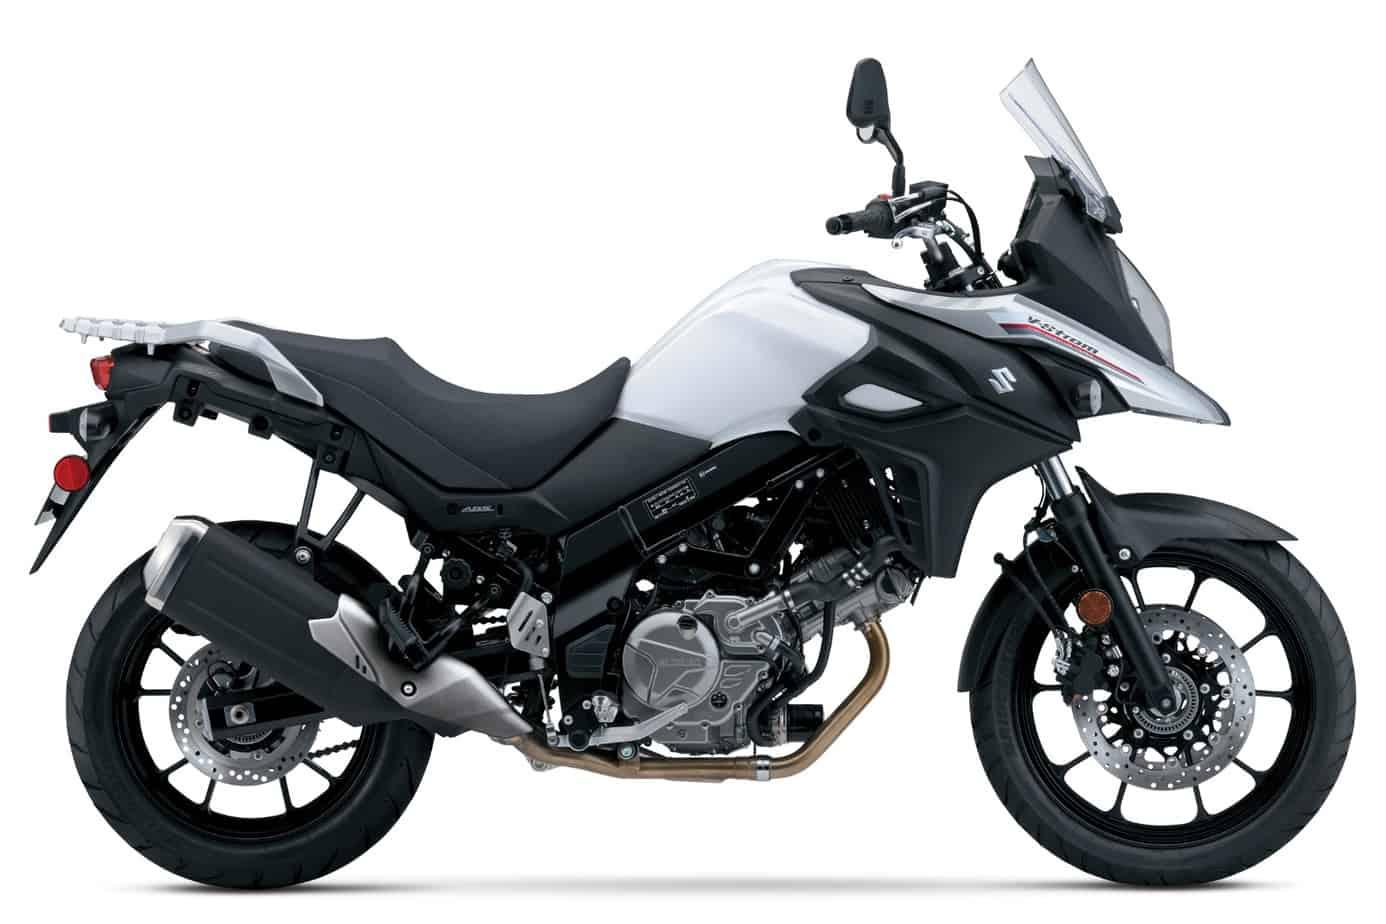 2017-Suzuki-VStrom-650-650XT-First-Look-Preview-2